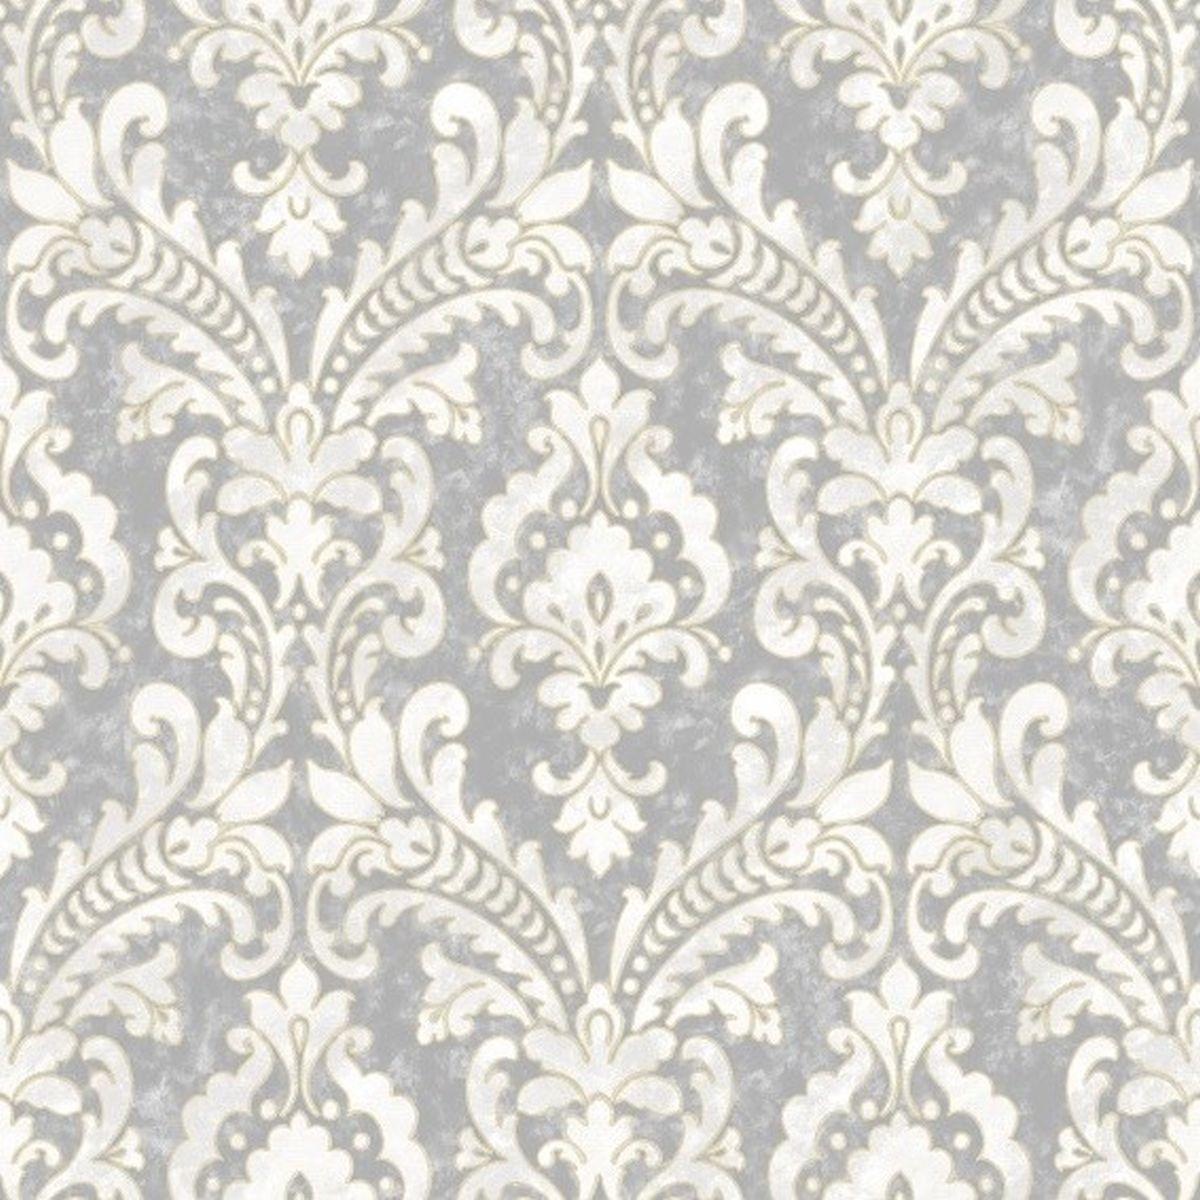 DesignID Vliestapete Erstklassige Wandbekleidung VD219172 Grau Barock Tapete